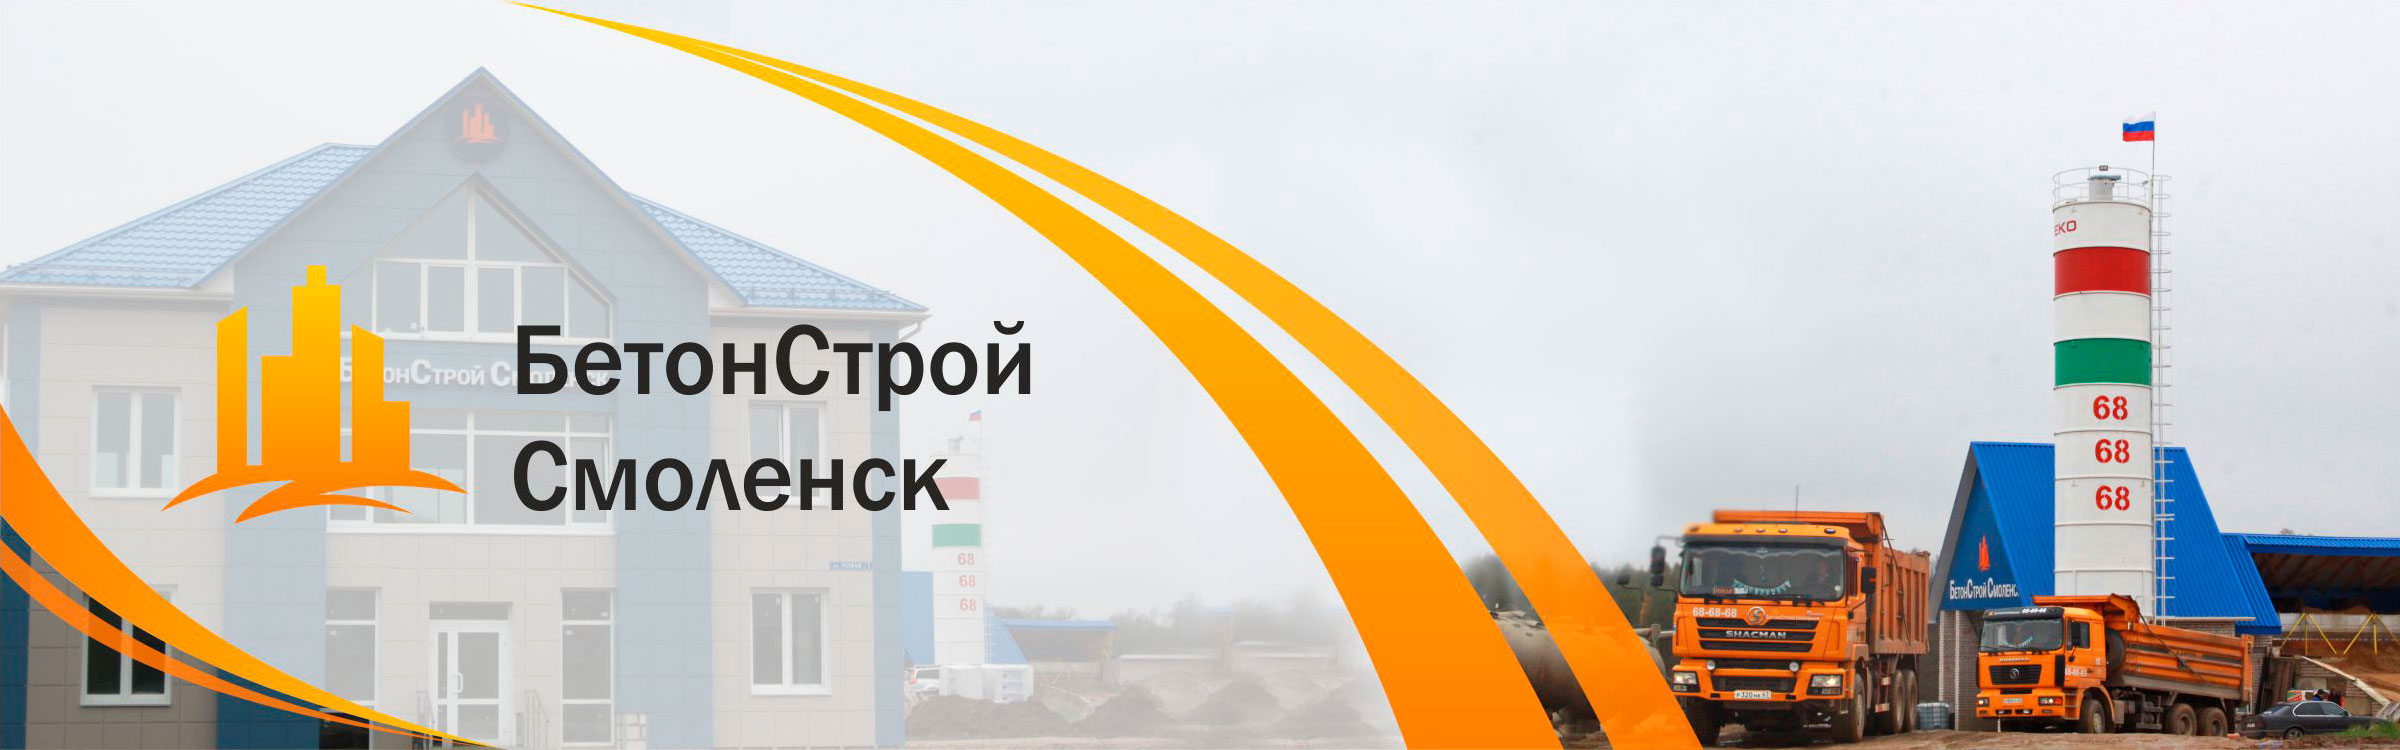 бетонный завод 'БетонСтрой - бетонный завод' в Смоленске. Главная страница